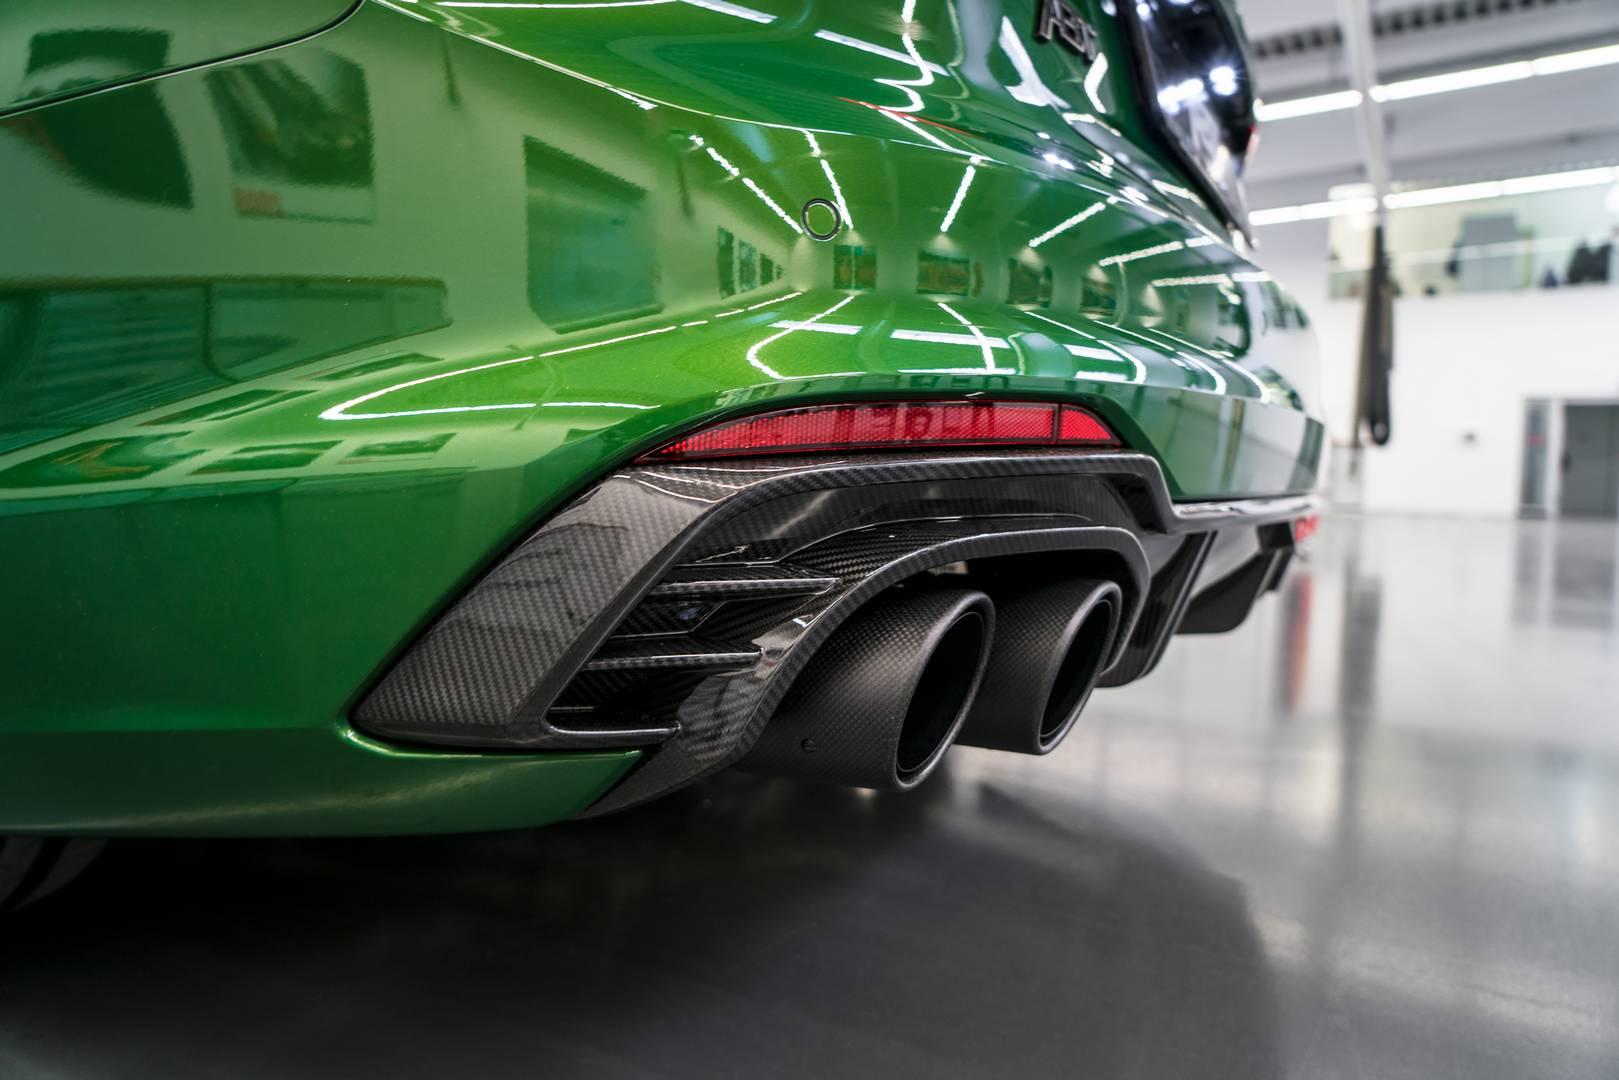 Компании, подобные ABT, играют огромную роль в таких мероприятиях. Немецкое тюнинг-ателье объявило о планах показа трех моделей на выставках в этом году; ABT R8-Art-Car, RS4-R и RS5-R.